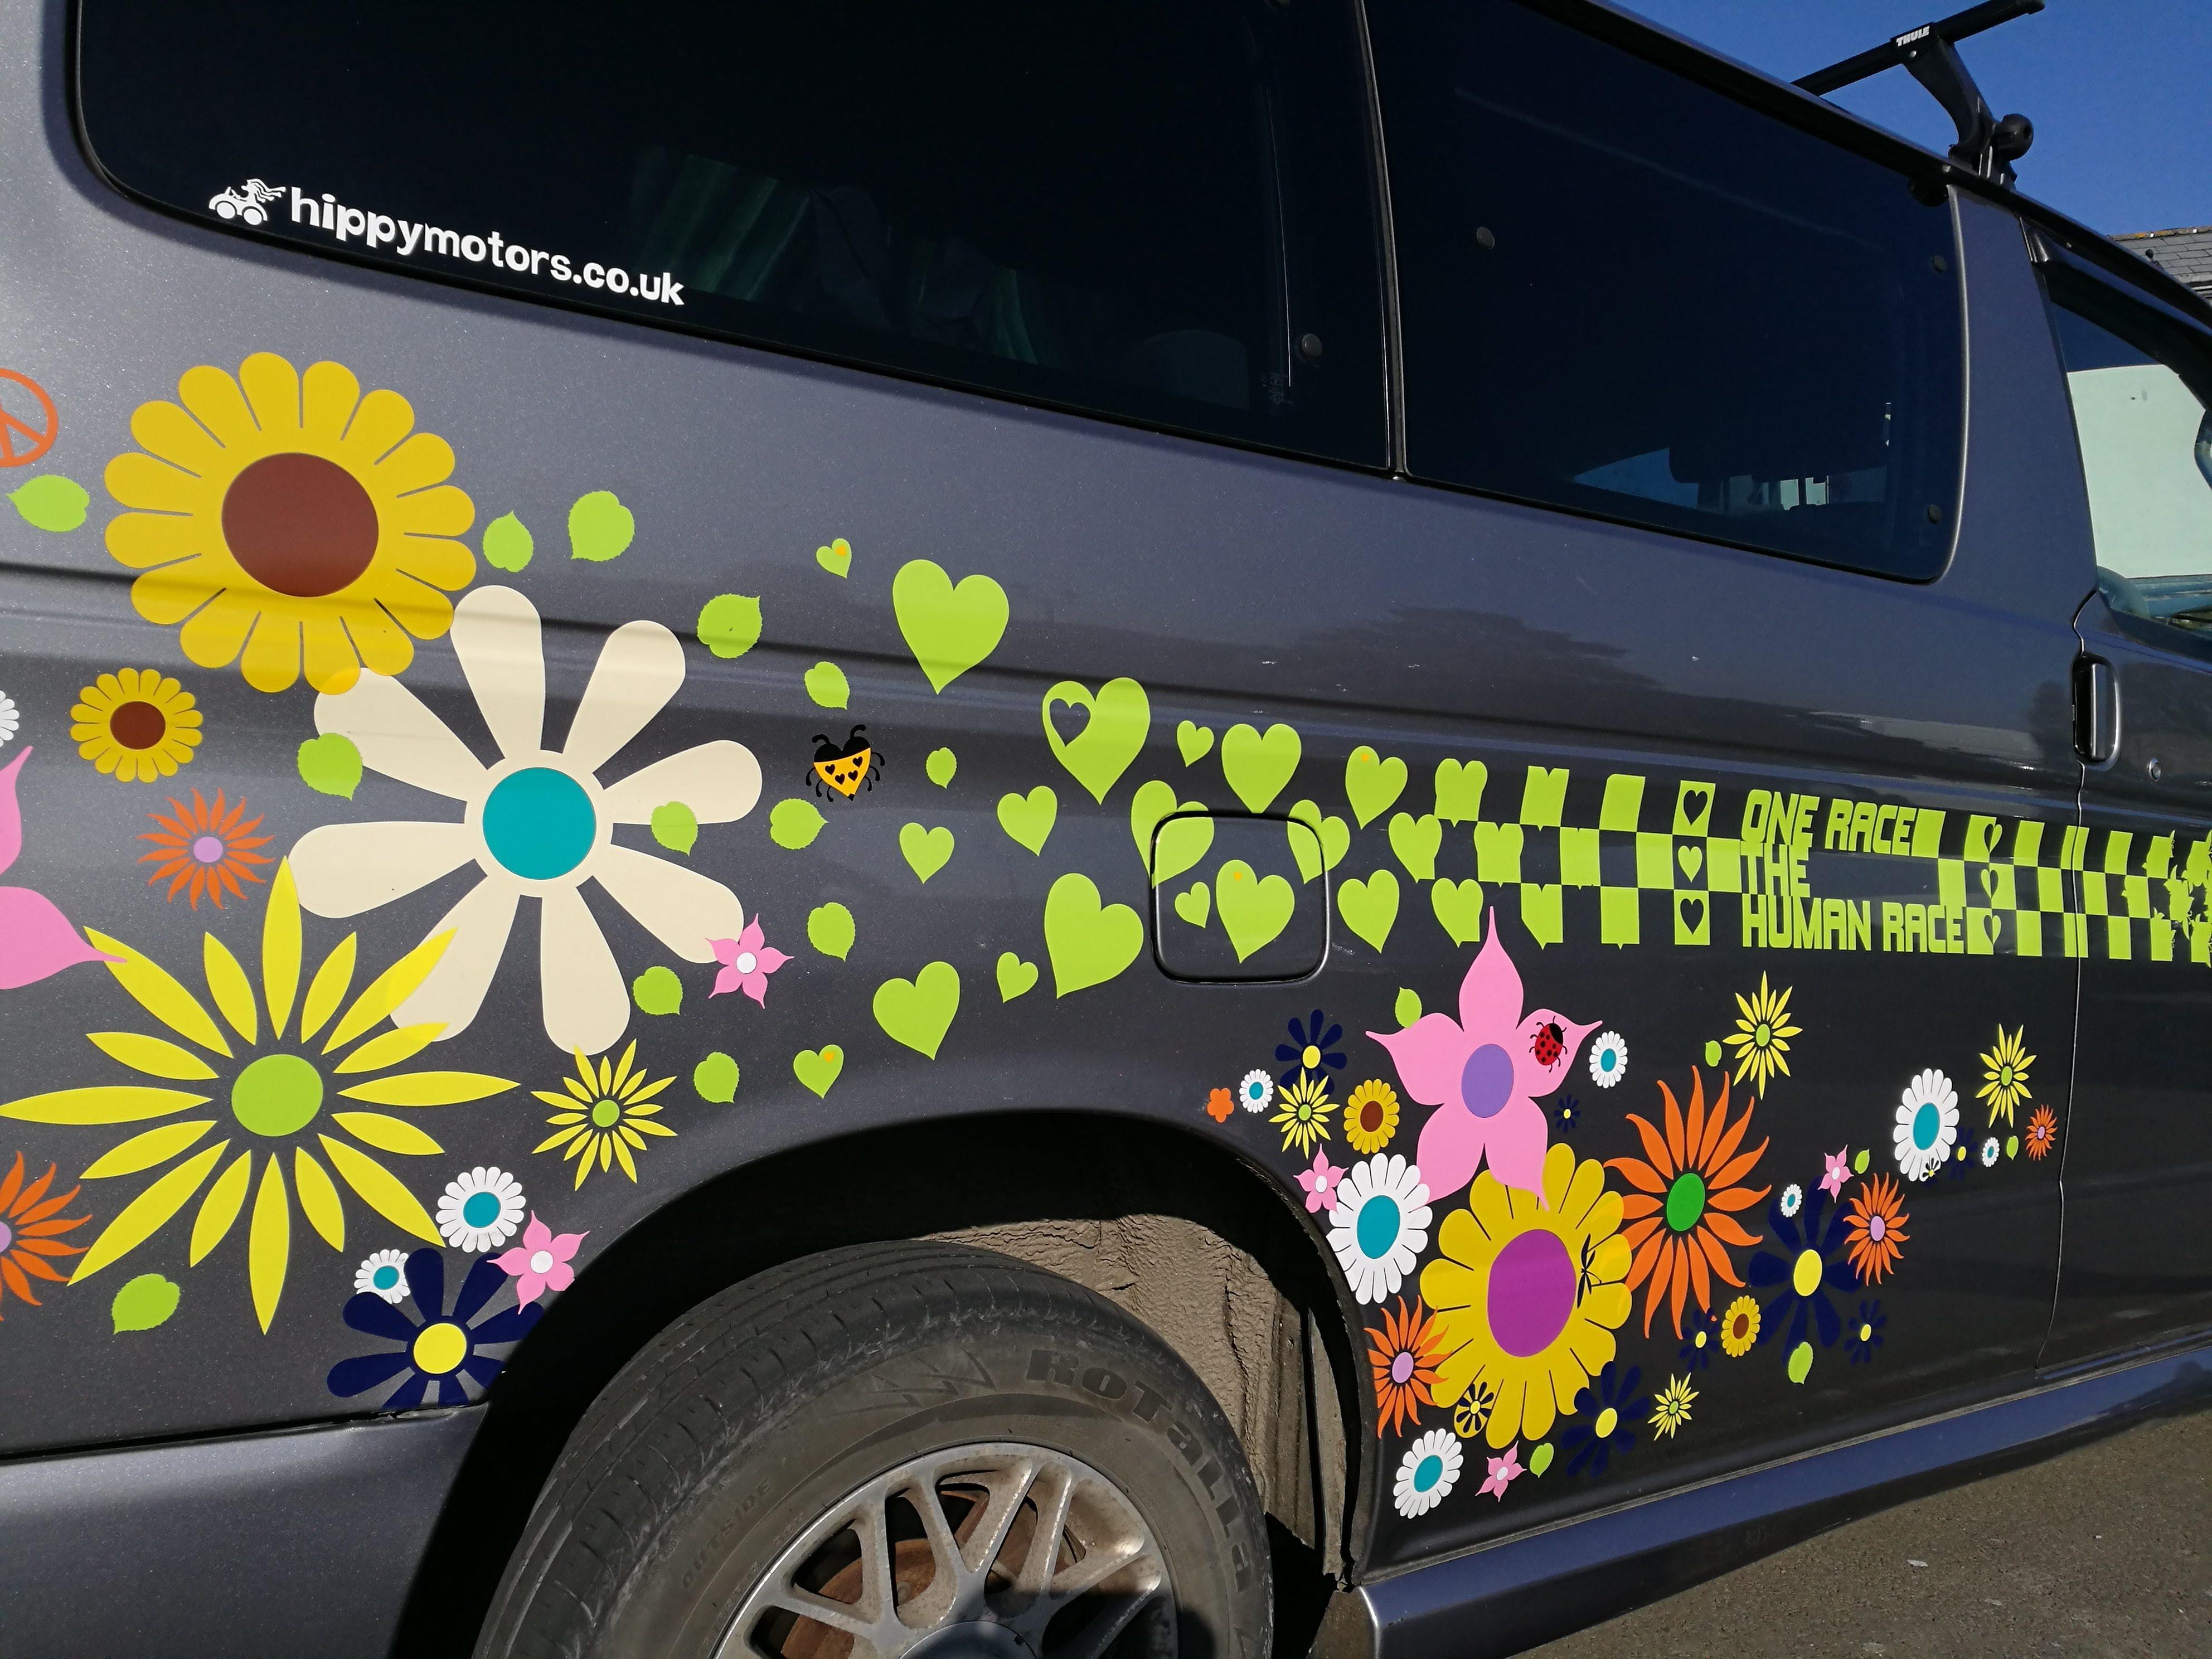 Mazda bongo flower camper van decals with racing stripes